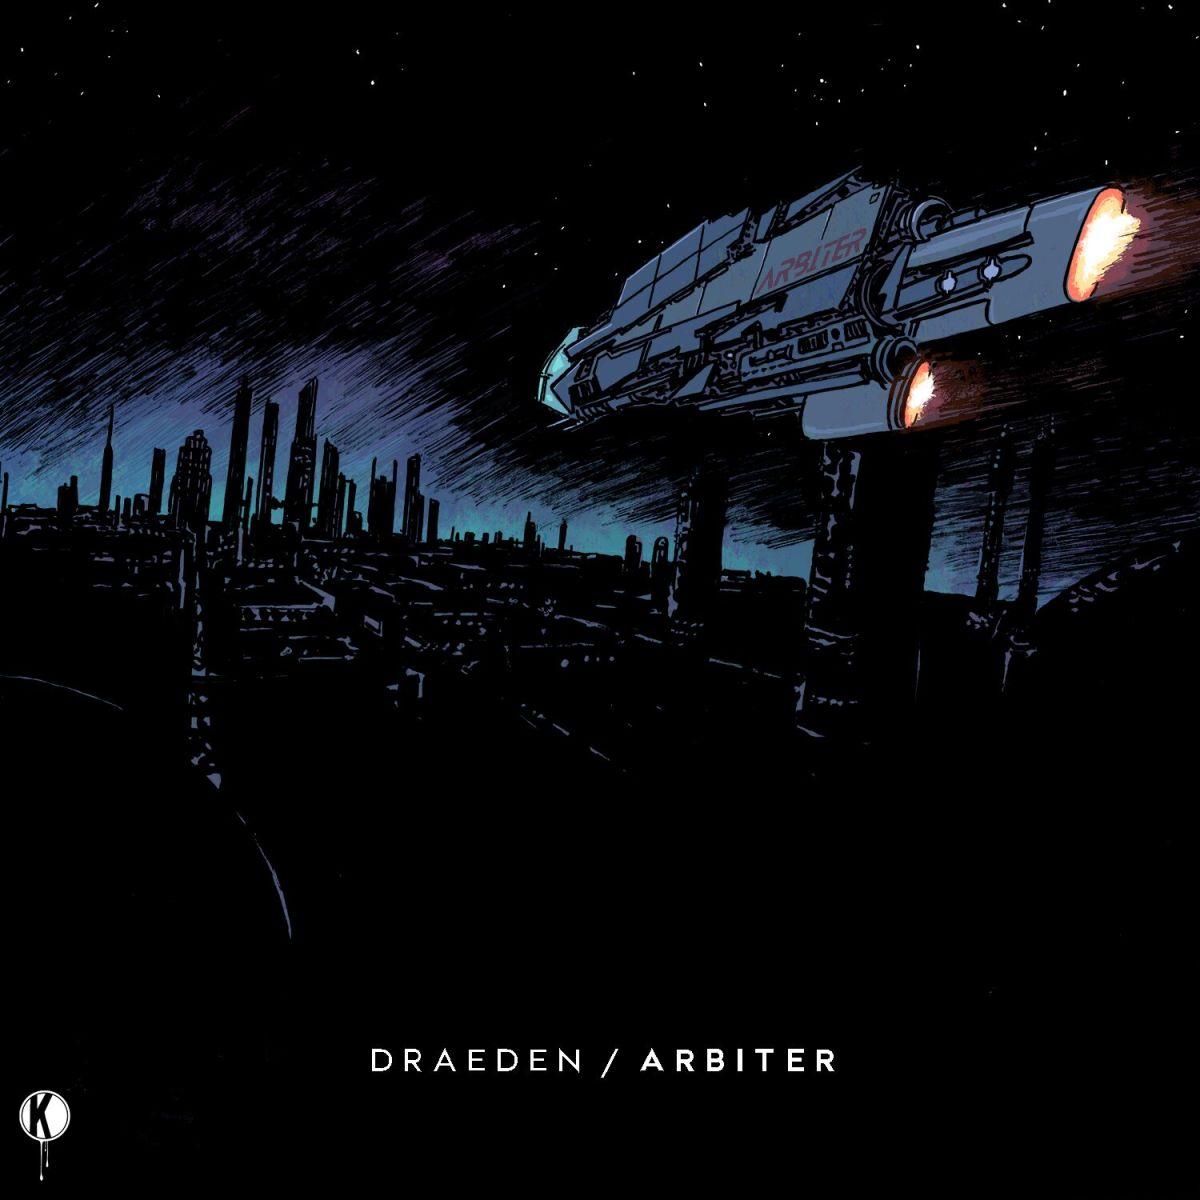 Draeden Arbiter Album Artwork